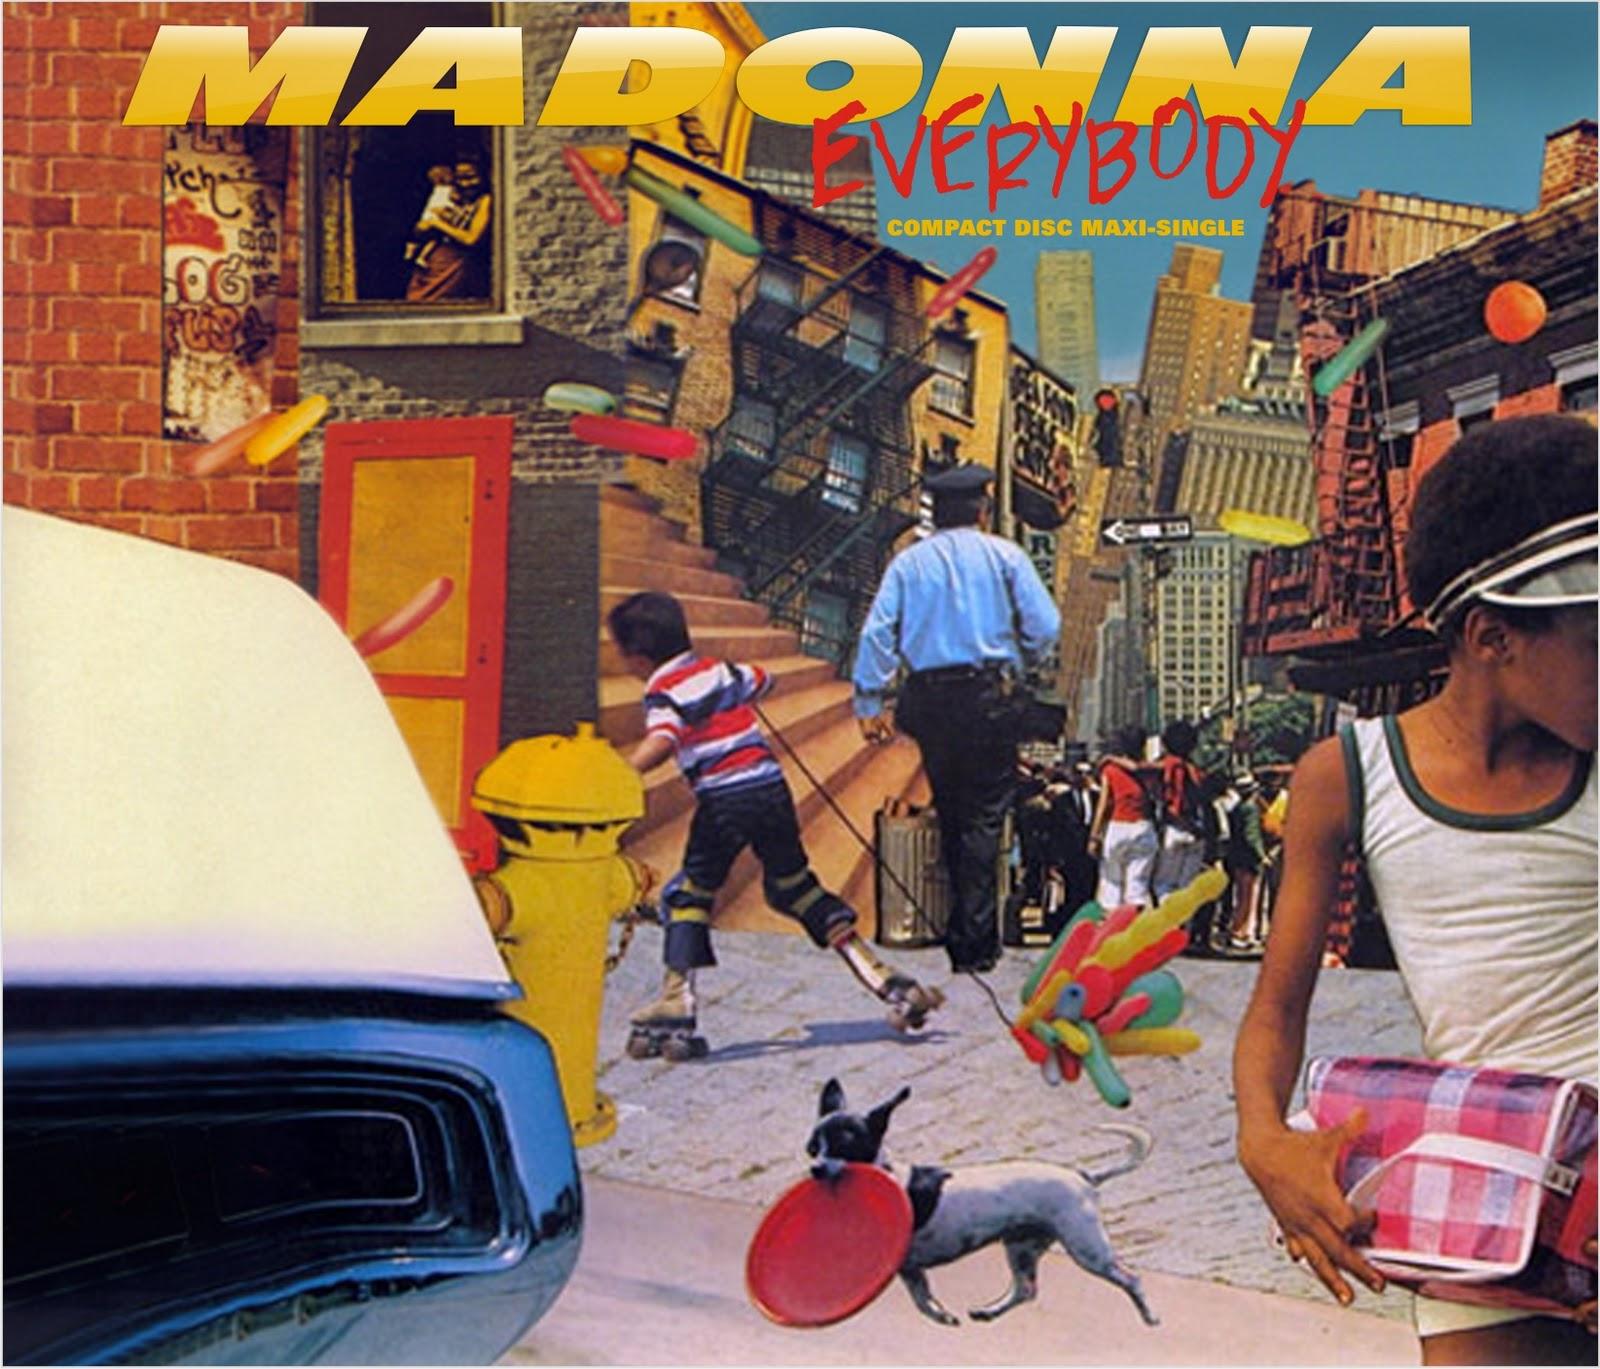 http://1.bp.blogspot.com/-v7HubFYiRTI/UHbOcQbNChI/AAAAAAABJok/4SPtcu4v2FA/s1600/madonna+everybody.jpg